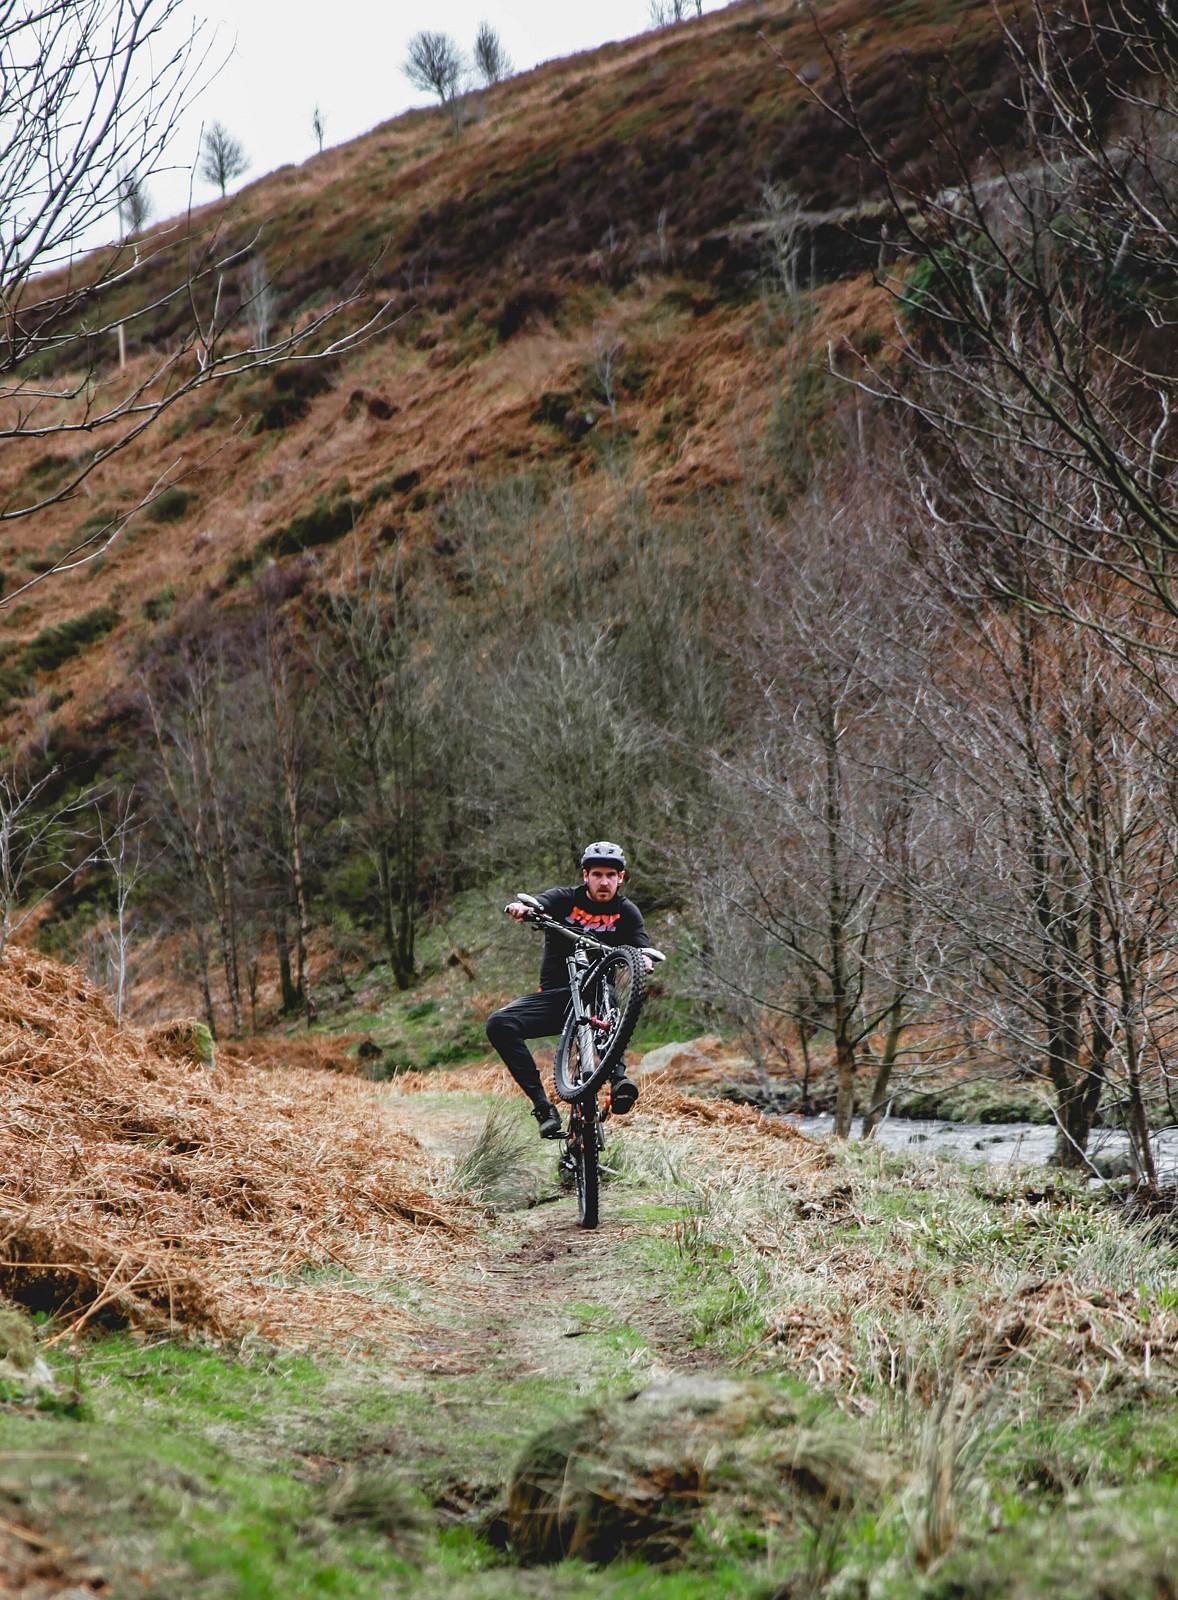 IMG 0528 - Mushrum - Mountain Biking Pictures - Vital MTB